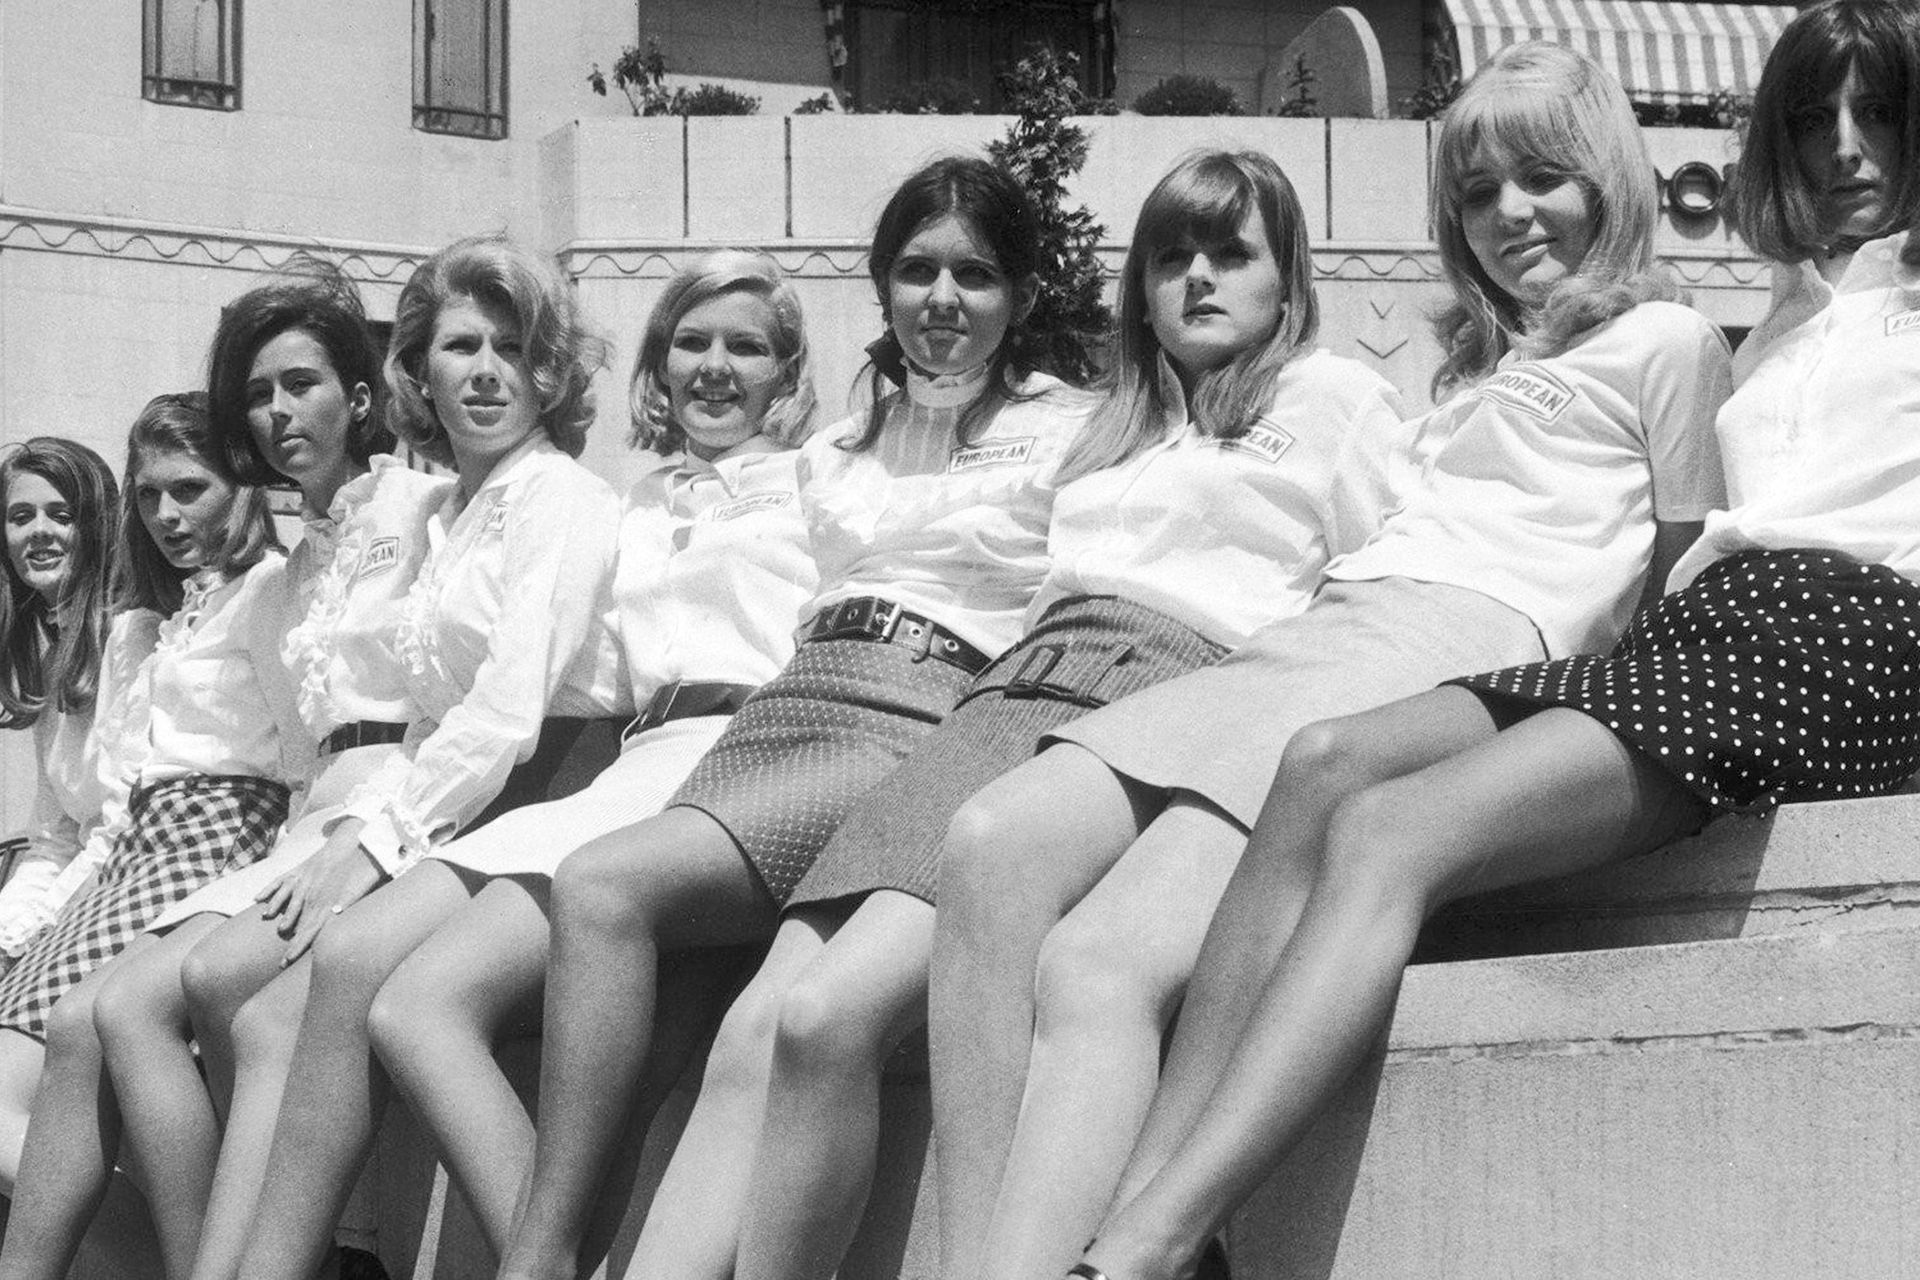 Con la juventud como sujeto privilegiado de la época, la minifalda era también un ícono y una bandera